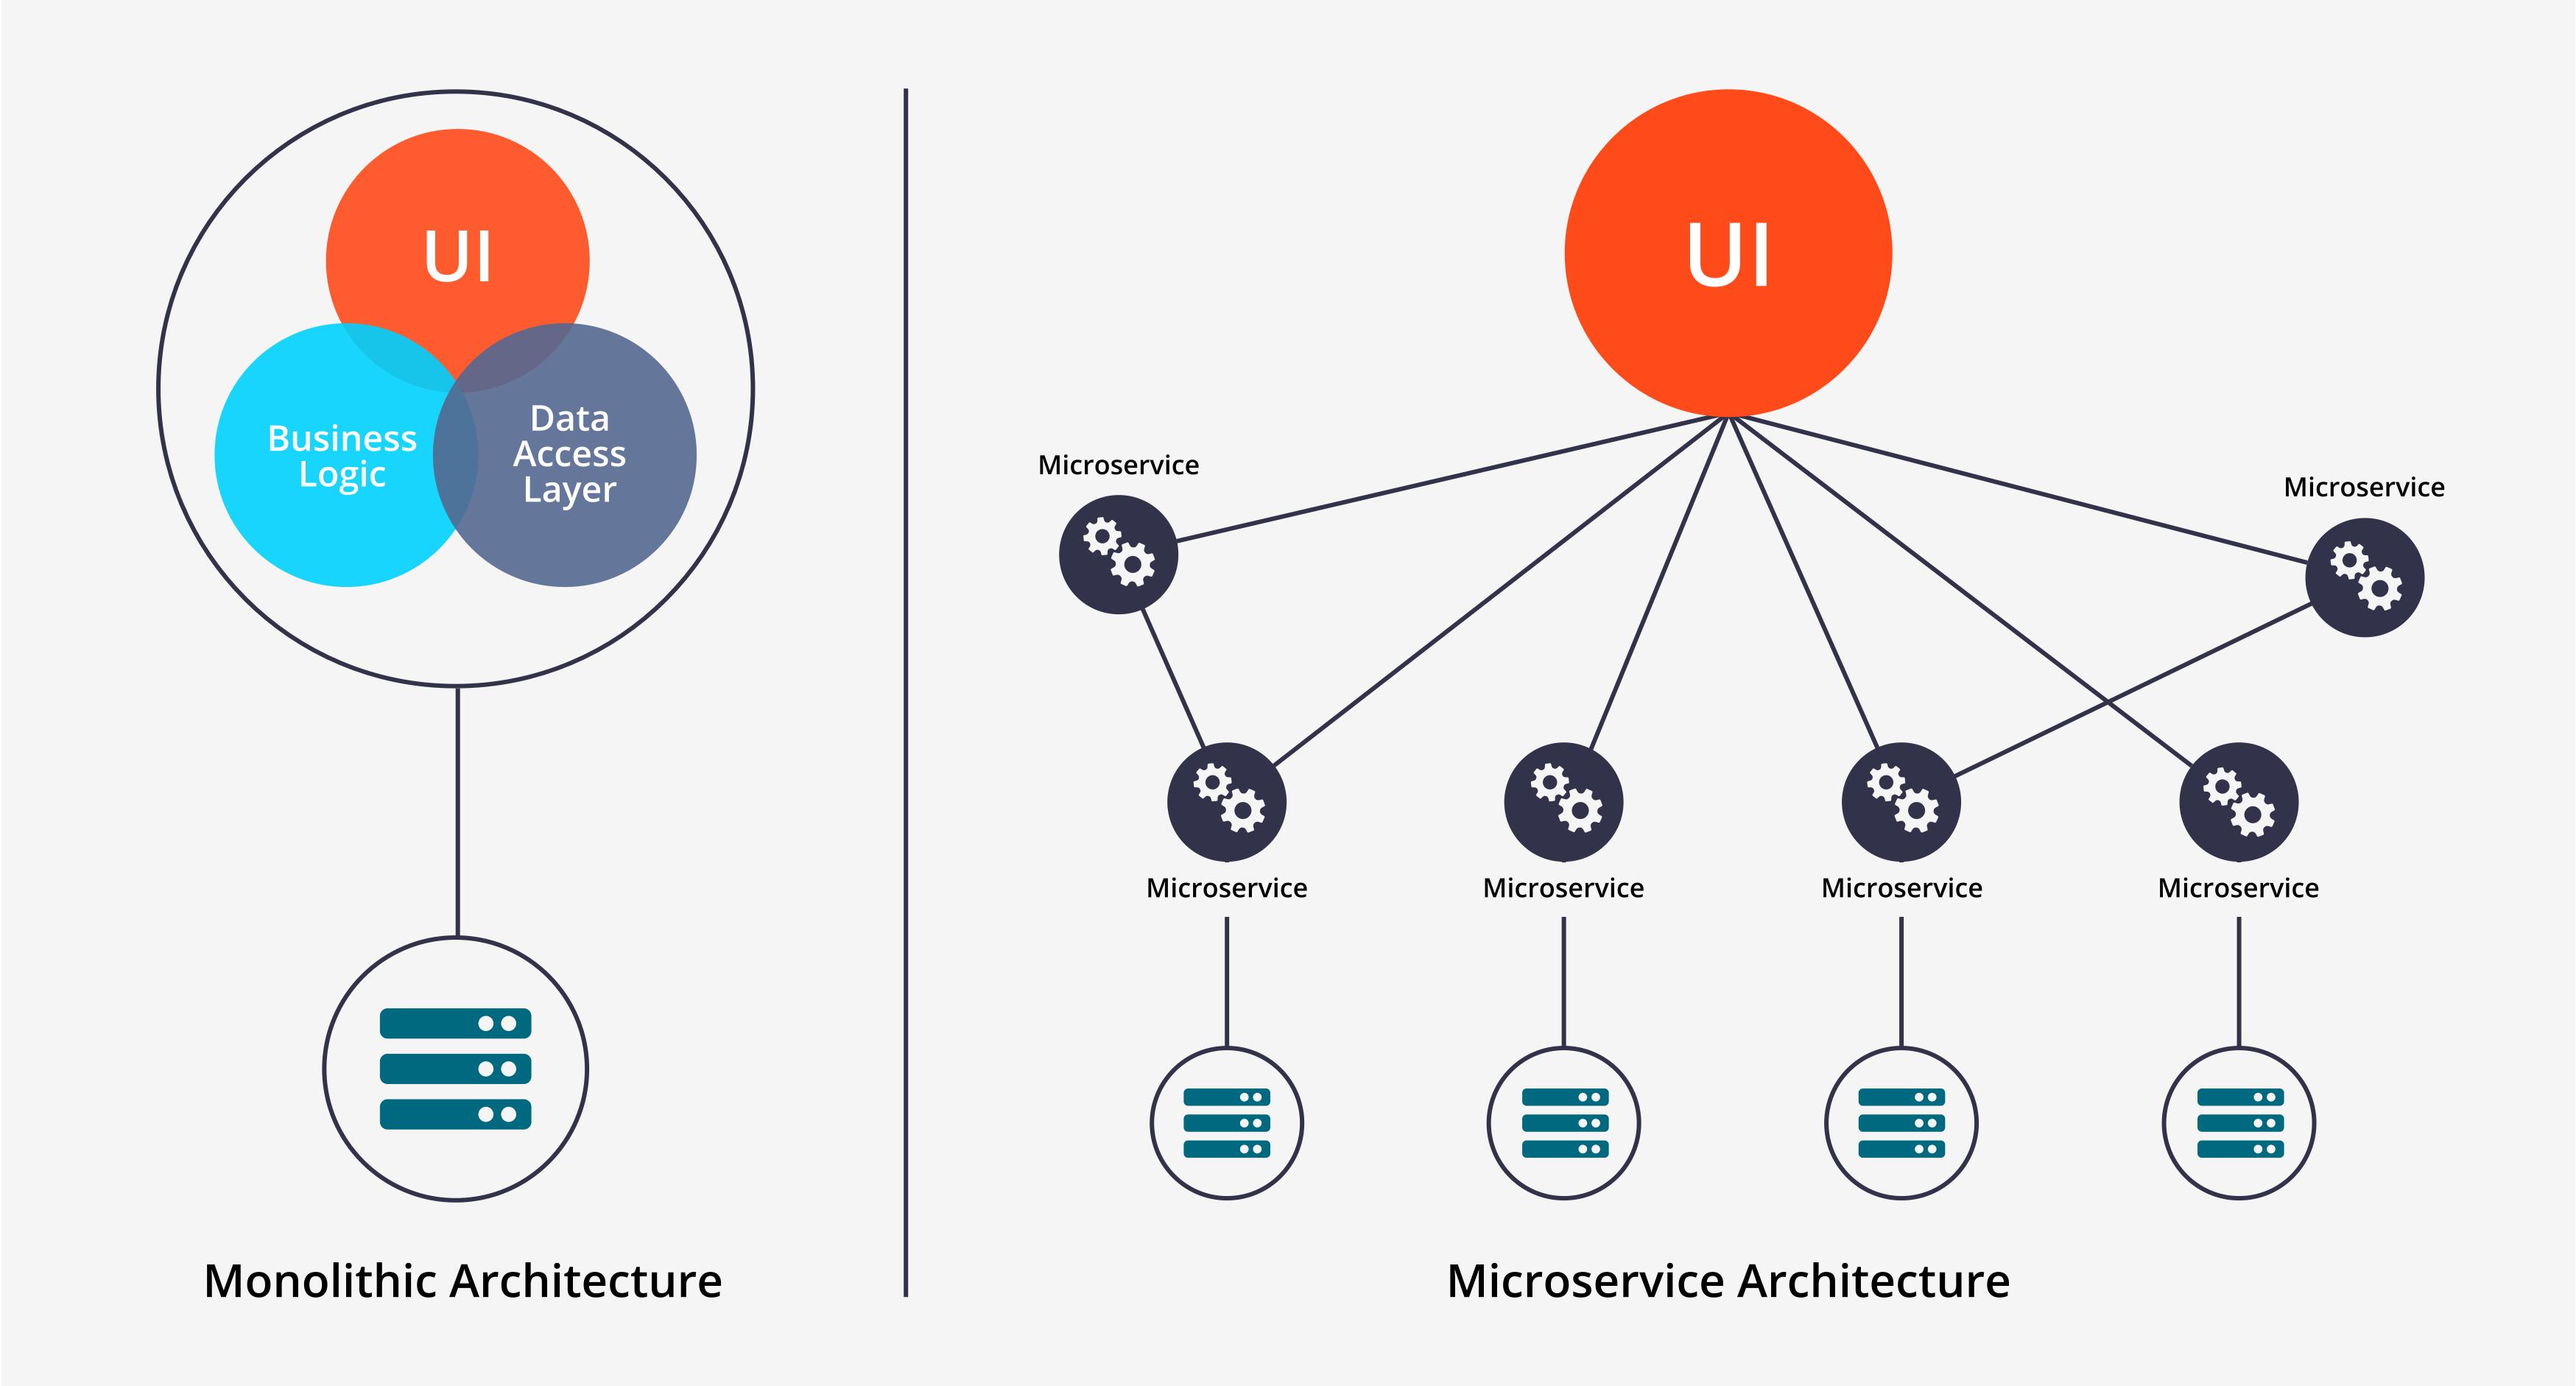 Monolithic Architecture vs. Microservices Architecture